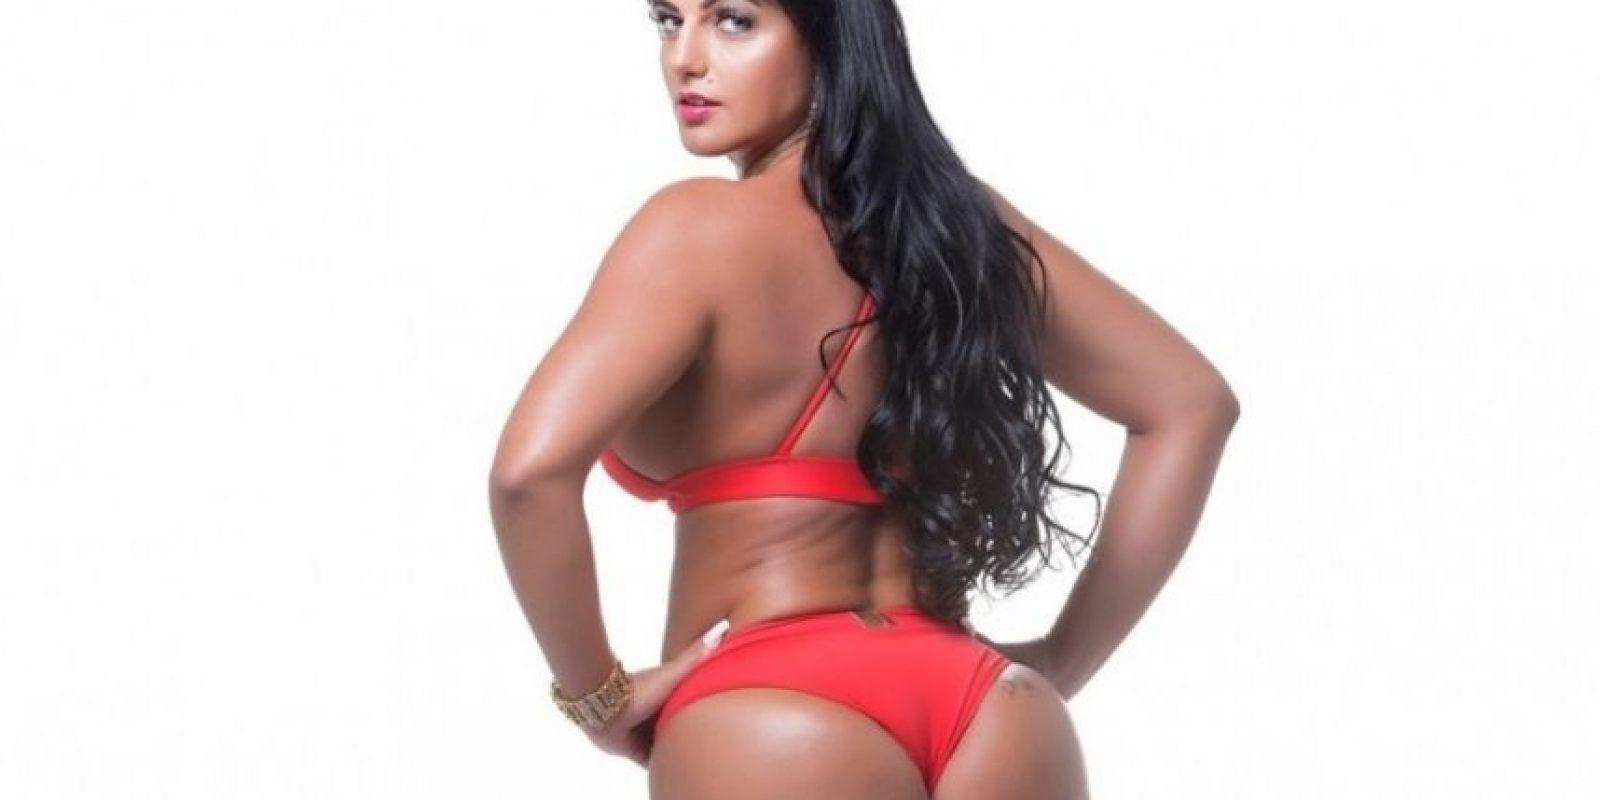 Ella llegó al concurso en sustitución de Michelle Docio Foto:Missbumbumbrasil.com.br